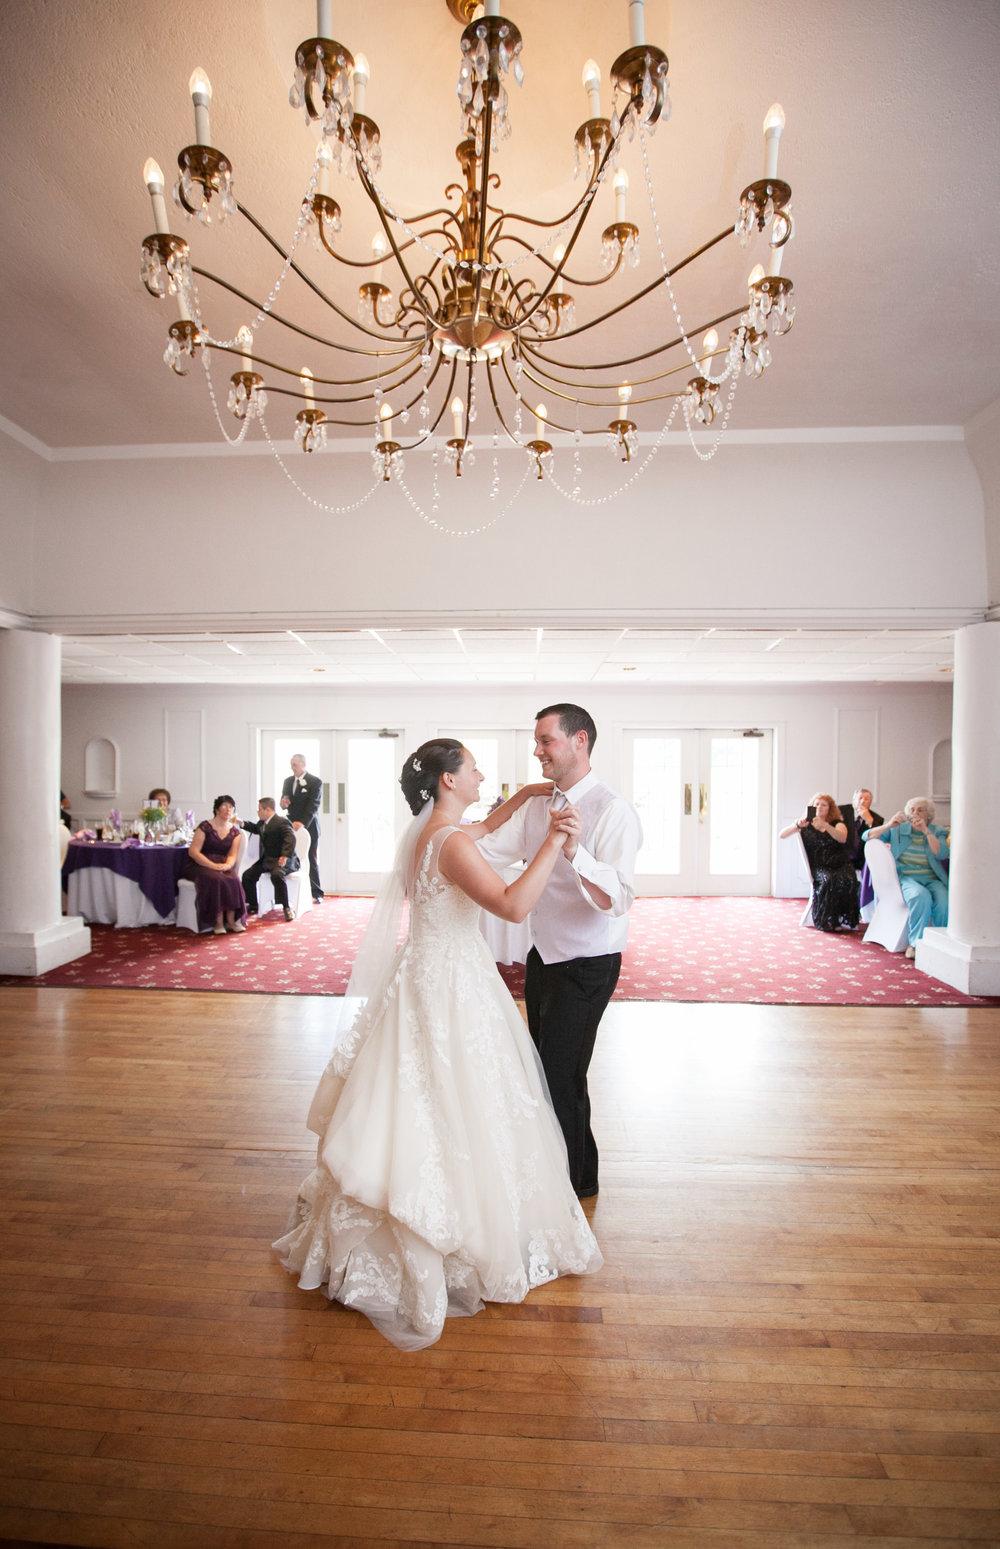 cassondre mae photography warwick NY wedding photographer